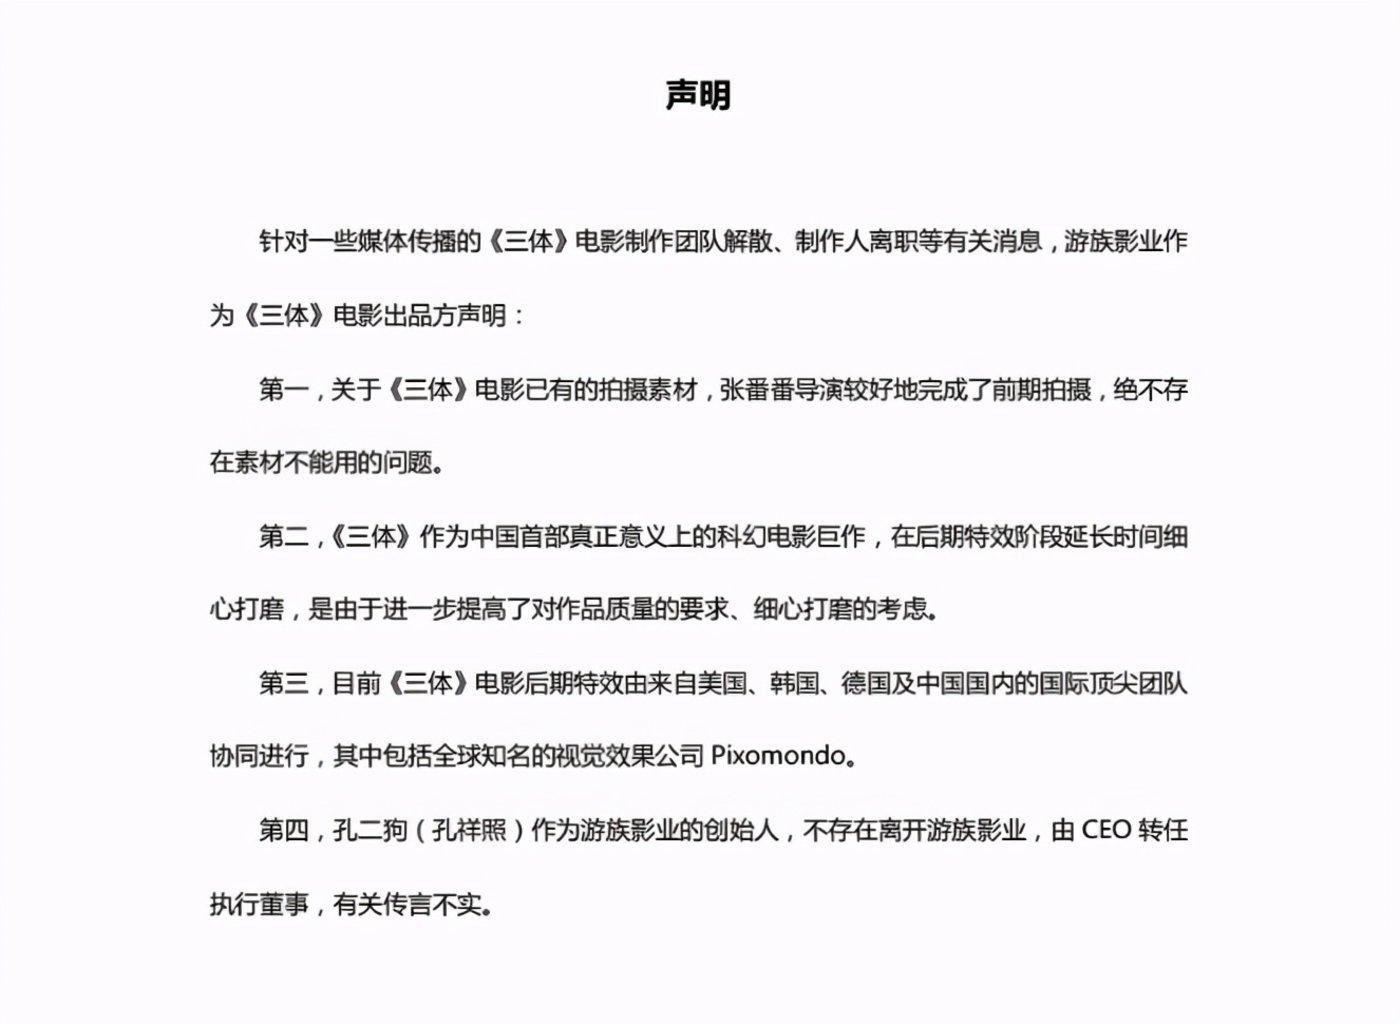 来源:三体电影官方微博